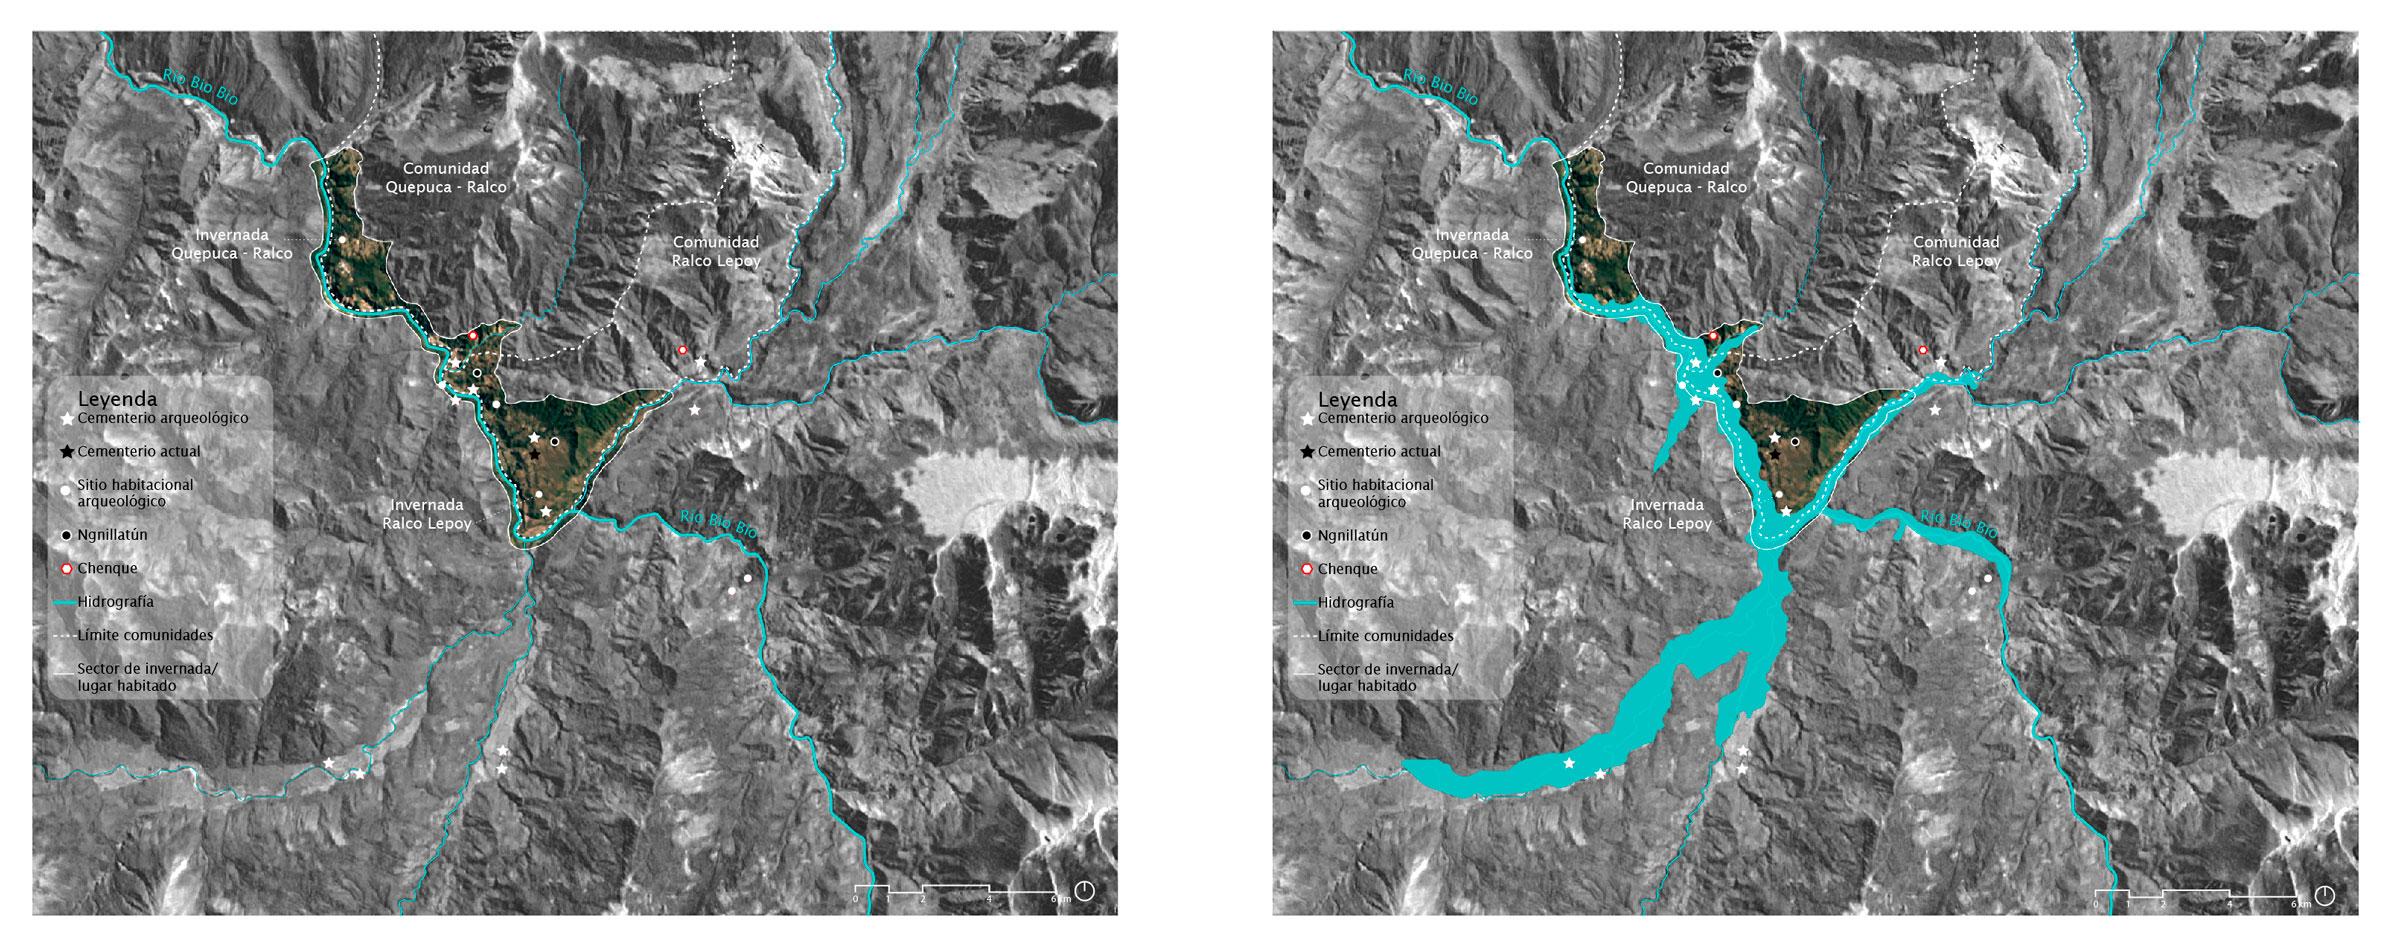 (3) Mapa de inundación de la comunidad Ralco Lepoy por la creación de la represa hidroeléctrica Ralco (2004) © Amira Shalaby